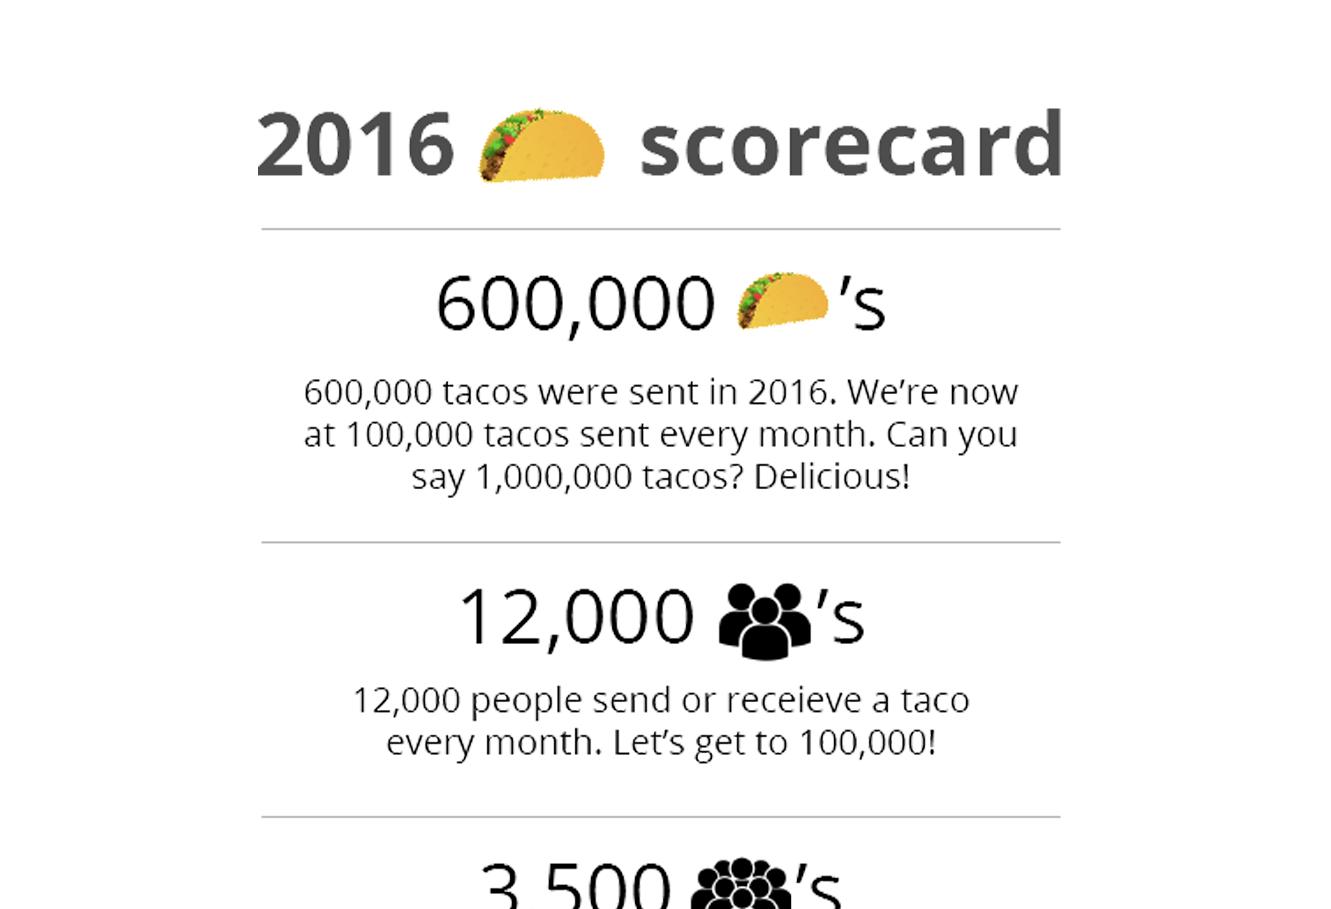 2016 Scorecard